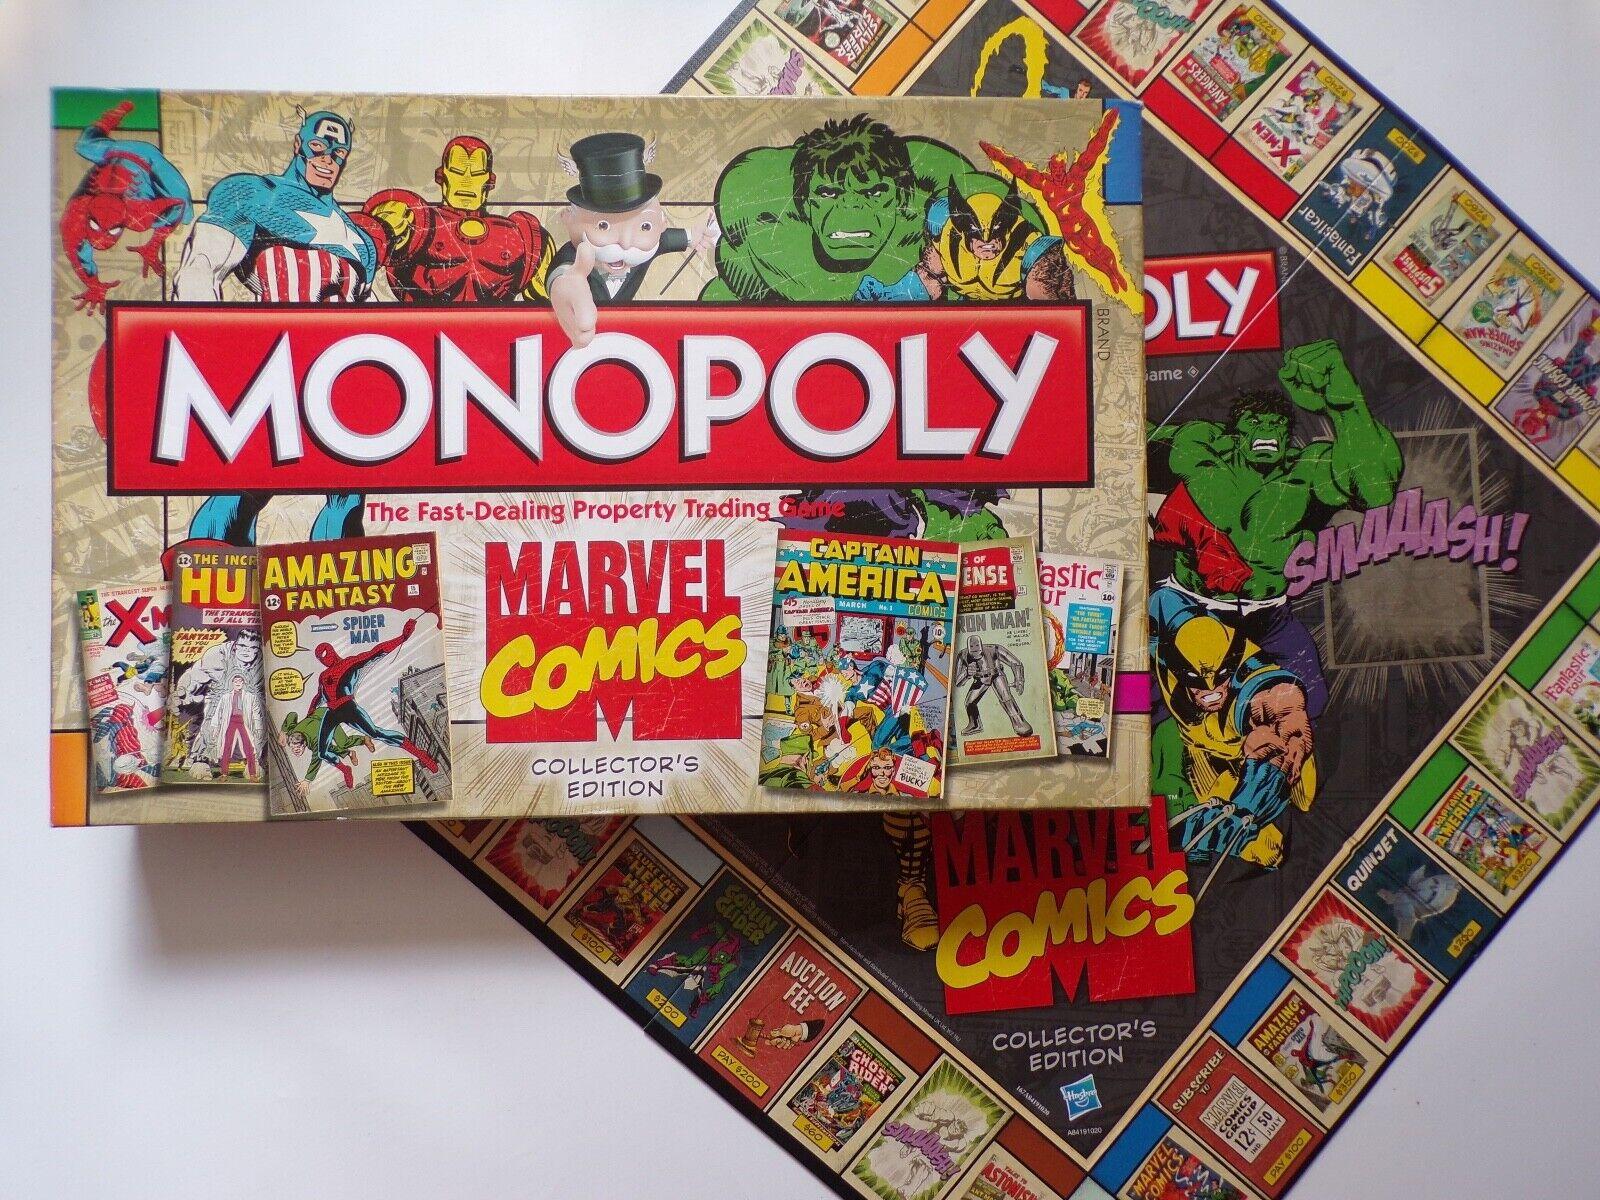 2013 Monopoly MARVEL COMICS COLLECTOR'S edizione (SIGILLATO Contenuto)  Gioco da tavolo  spedizione gratuita